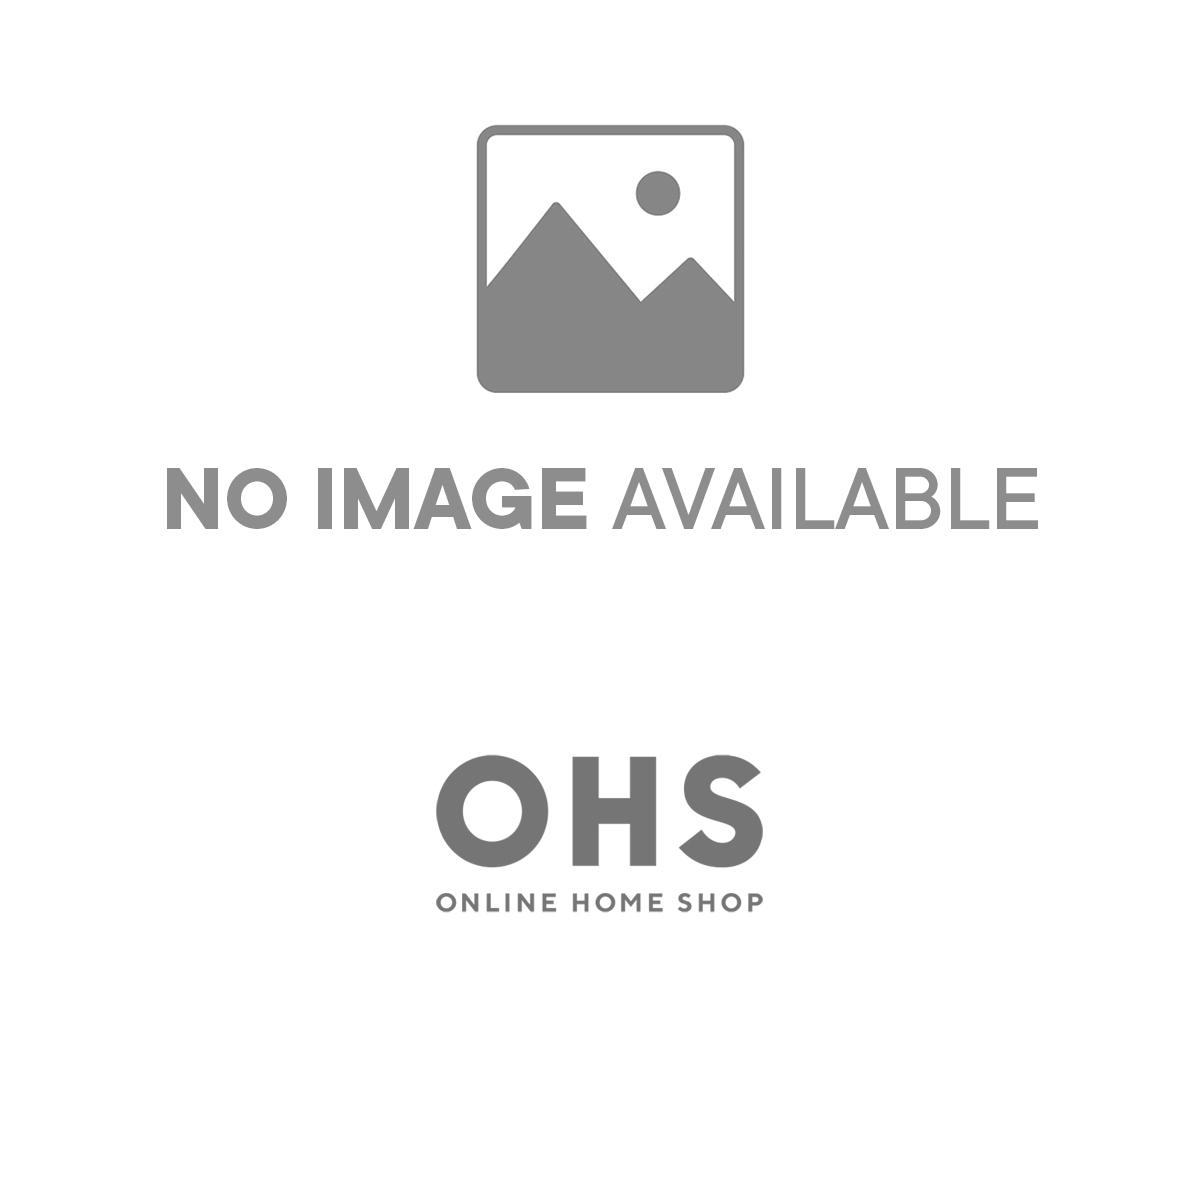 Brentfords Plain Dyed Duvet Cover Set - Black